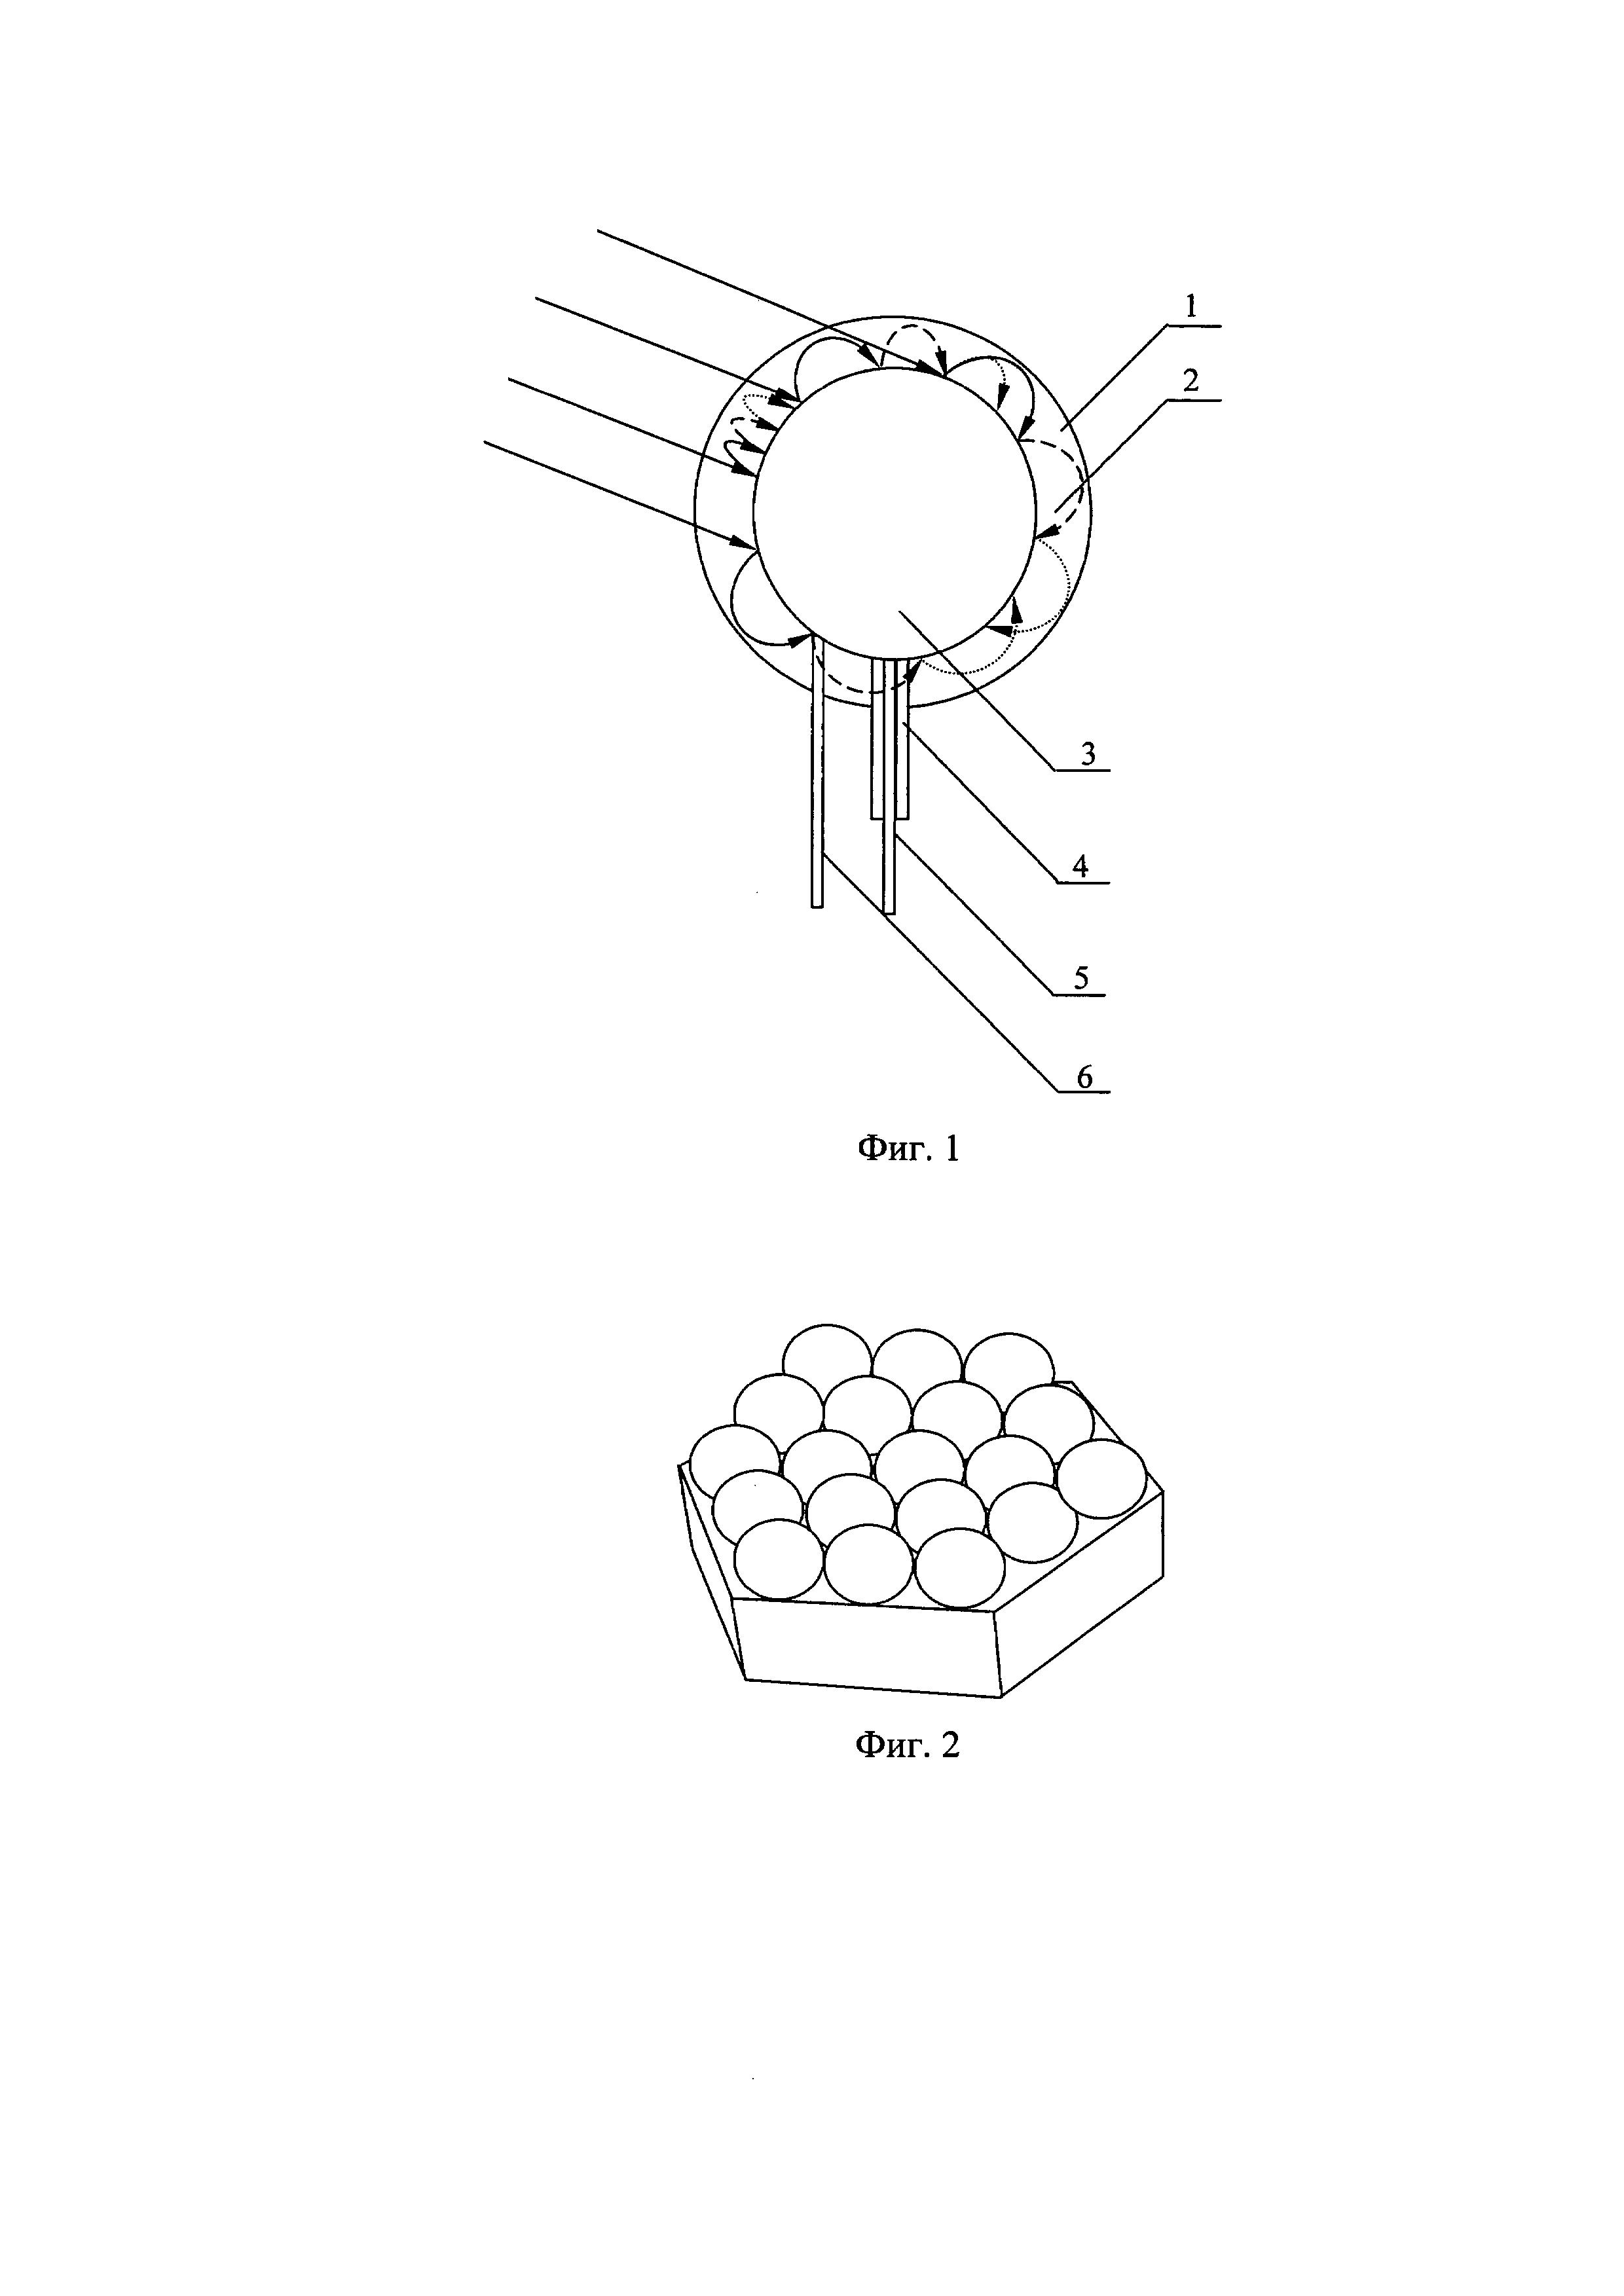 Шарообразная солнечная батарея с многократным преломлением и отражением лучей в концентраторе